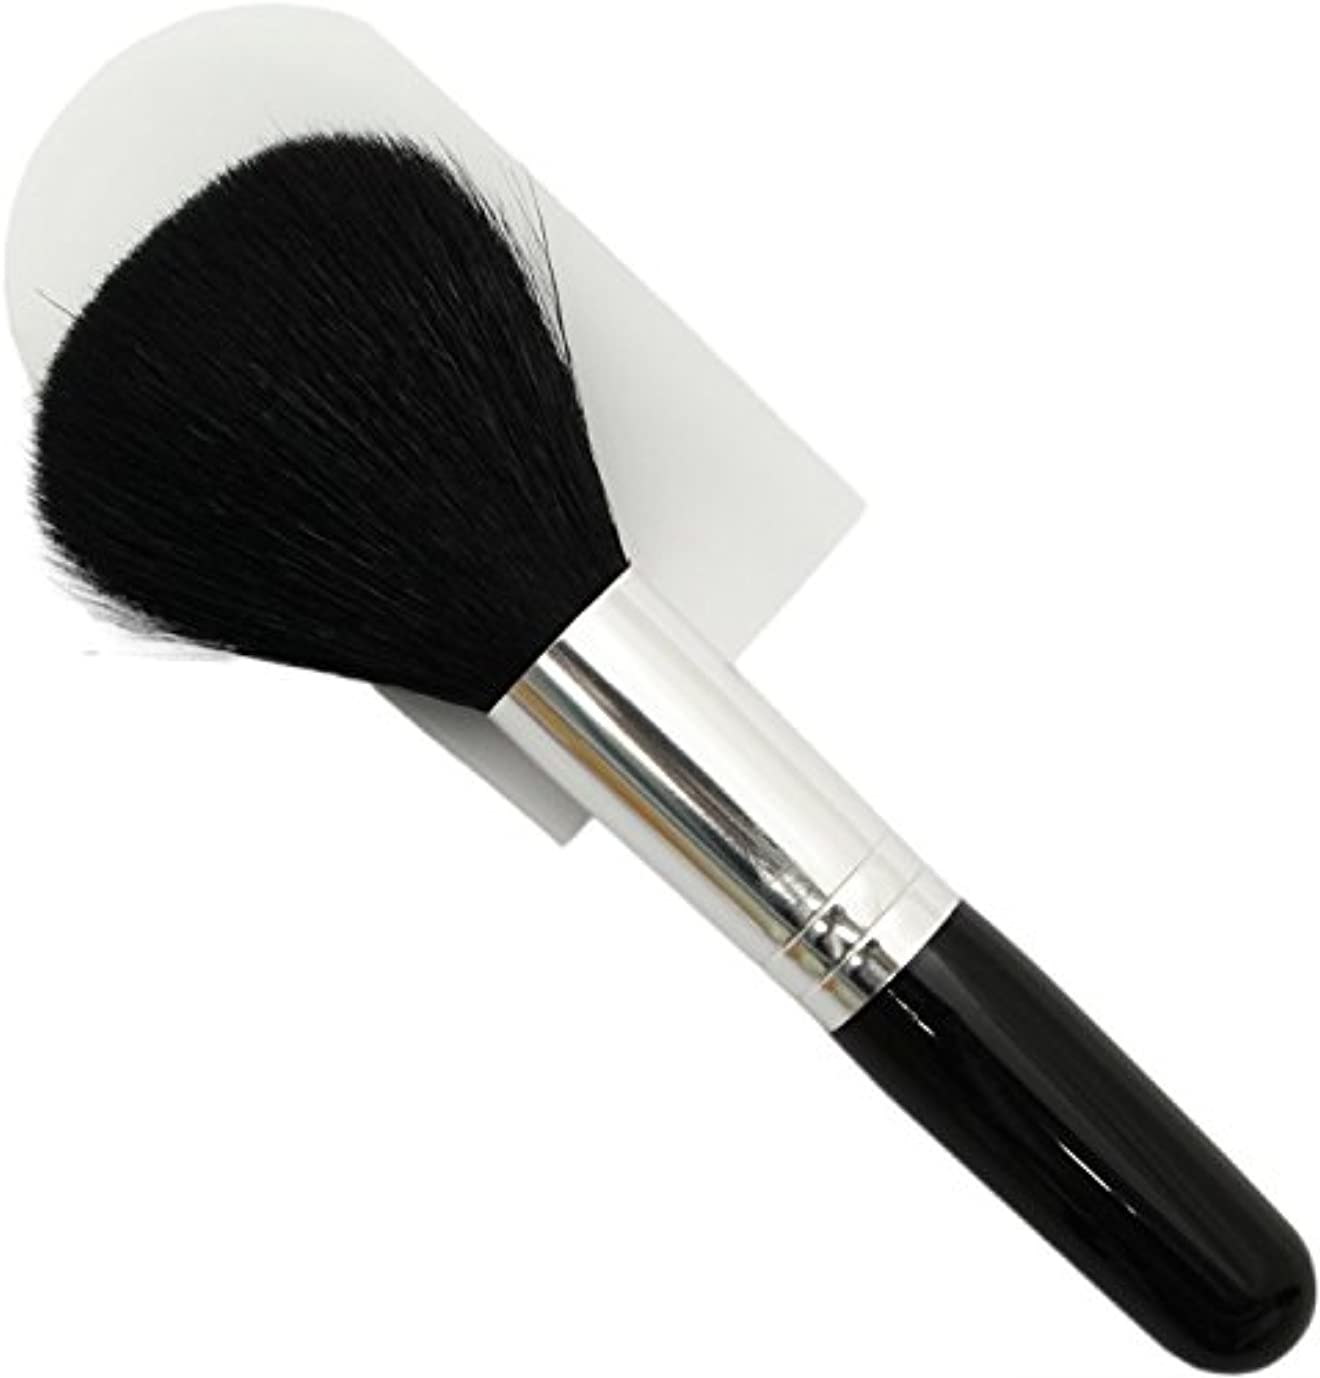 かび臭い監査大宇宙熊野筆 メイクブラシ KUシリーズ パウダーブラシ 山羊毛